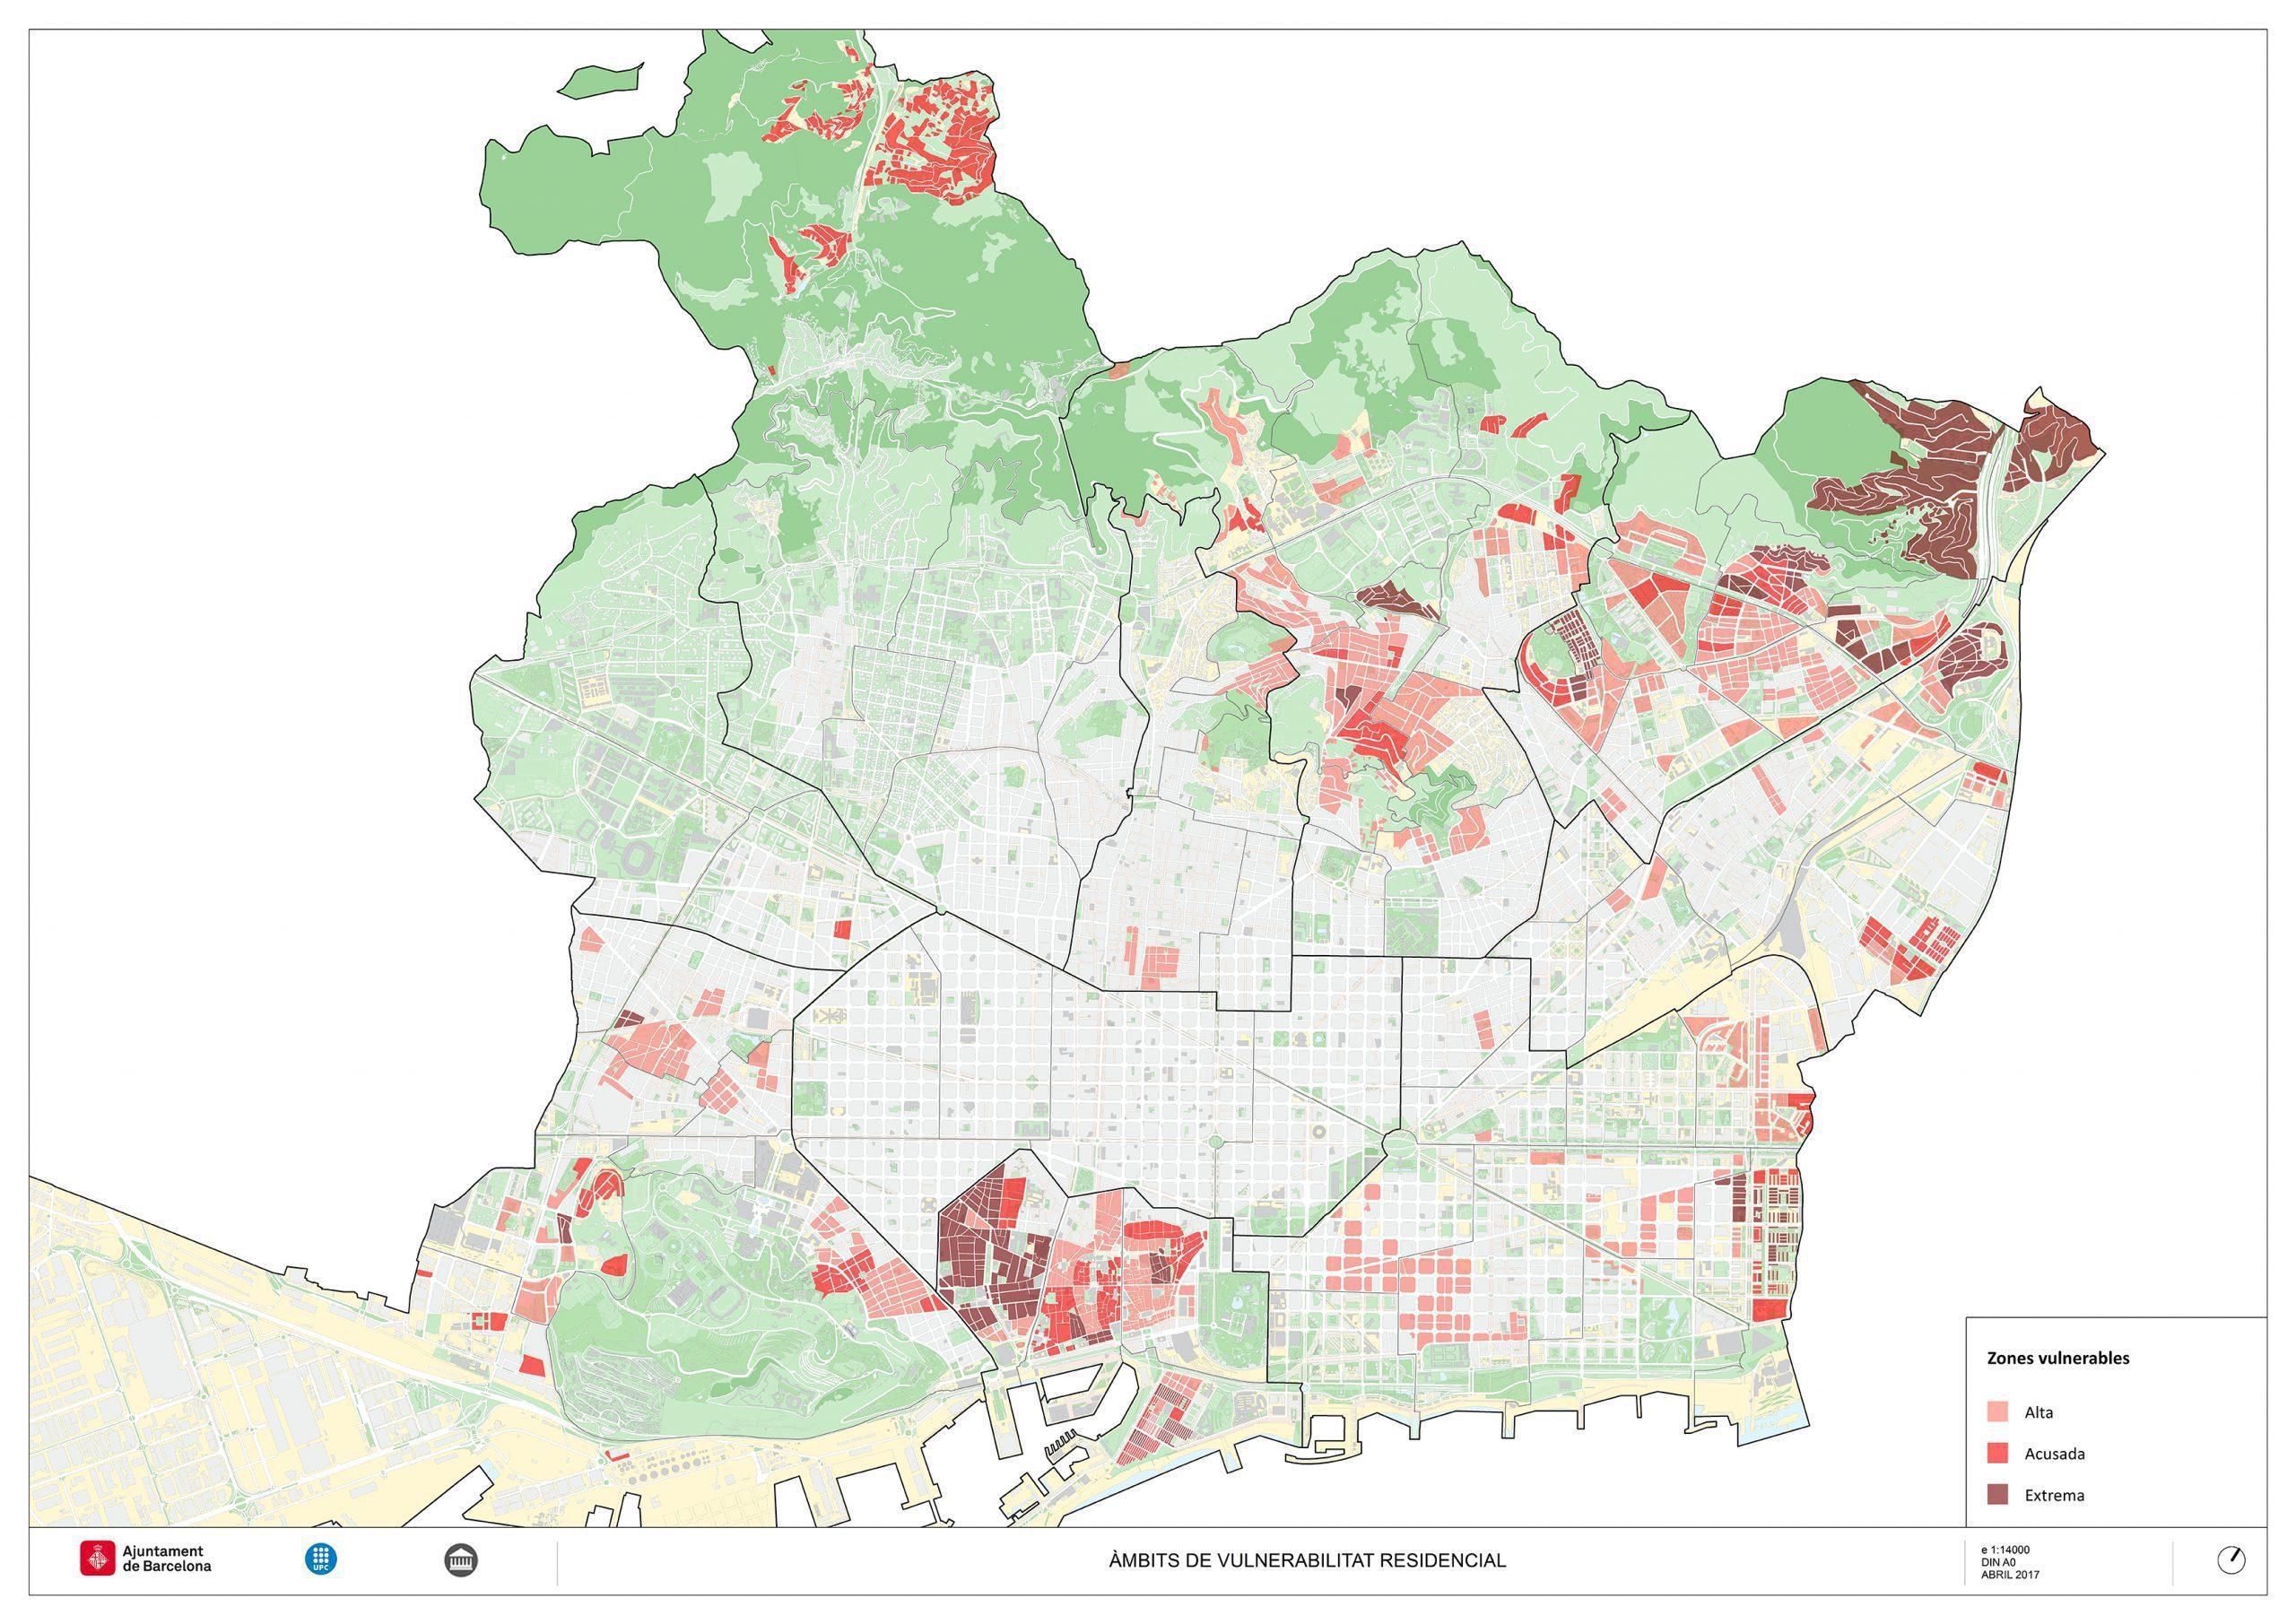 Estudio y detección de ámbitos de vulnerabilidad residencial en la ciudad de Barcelona